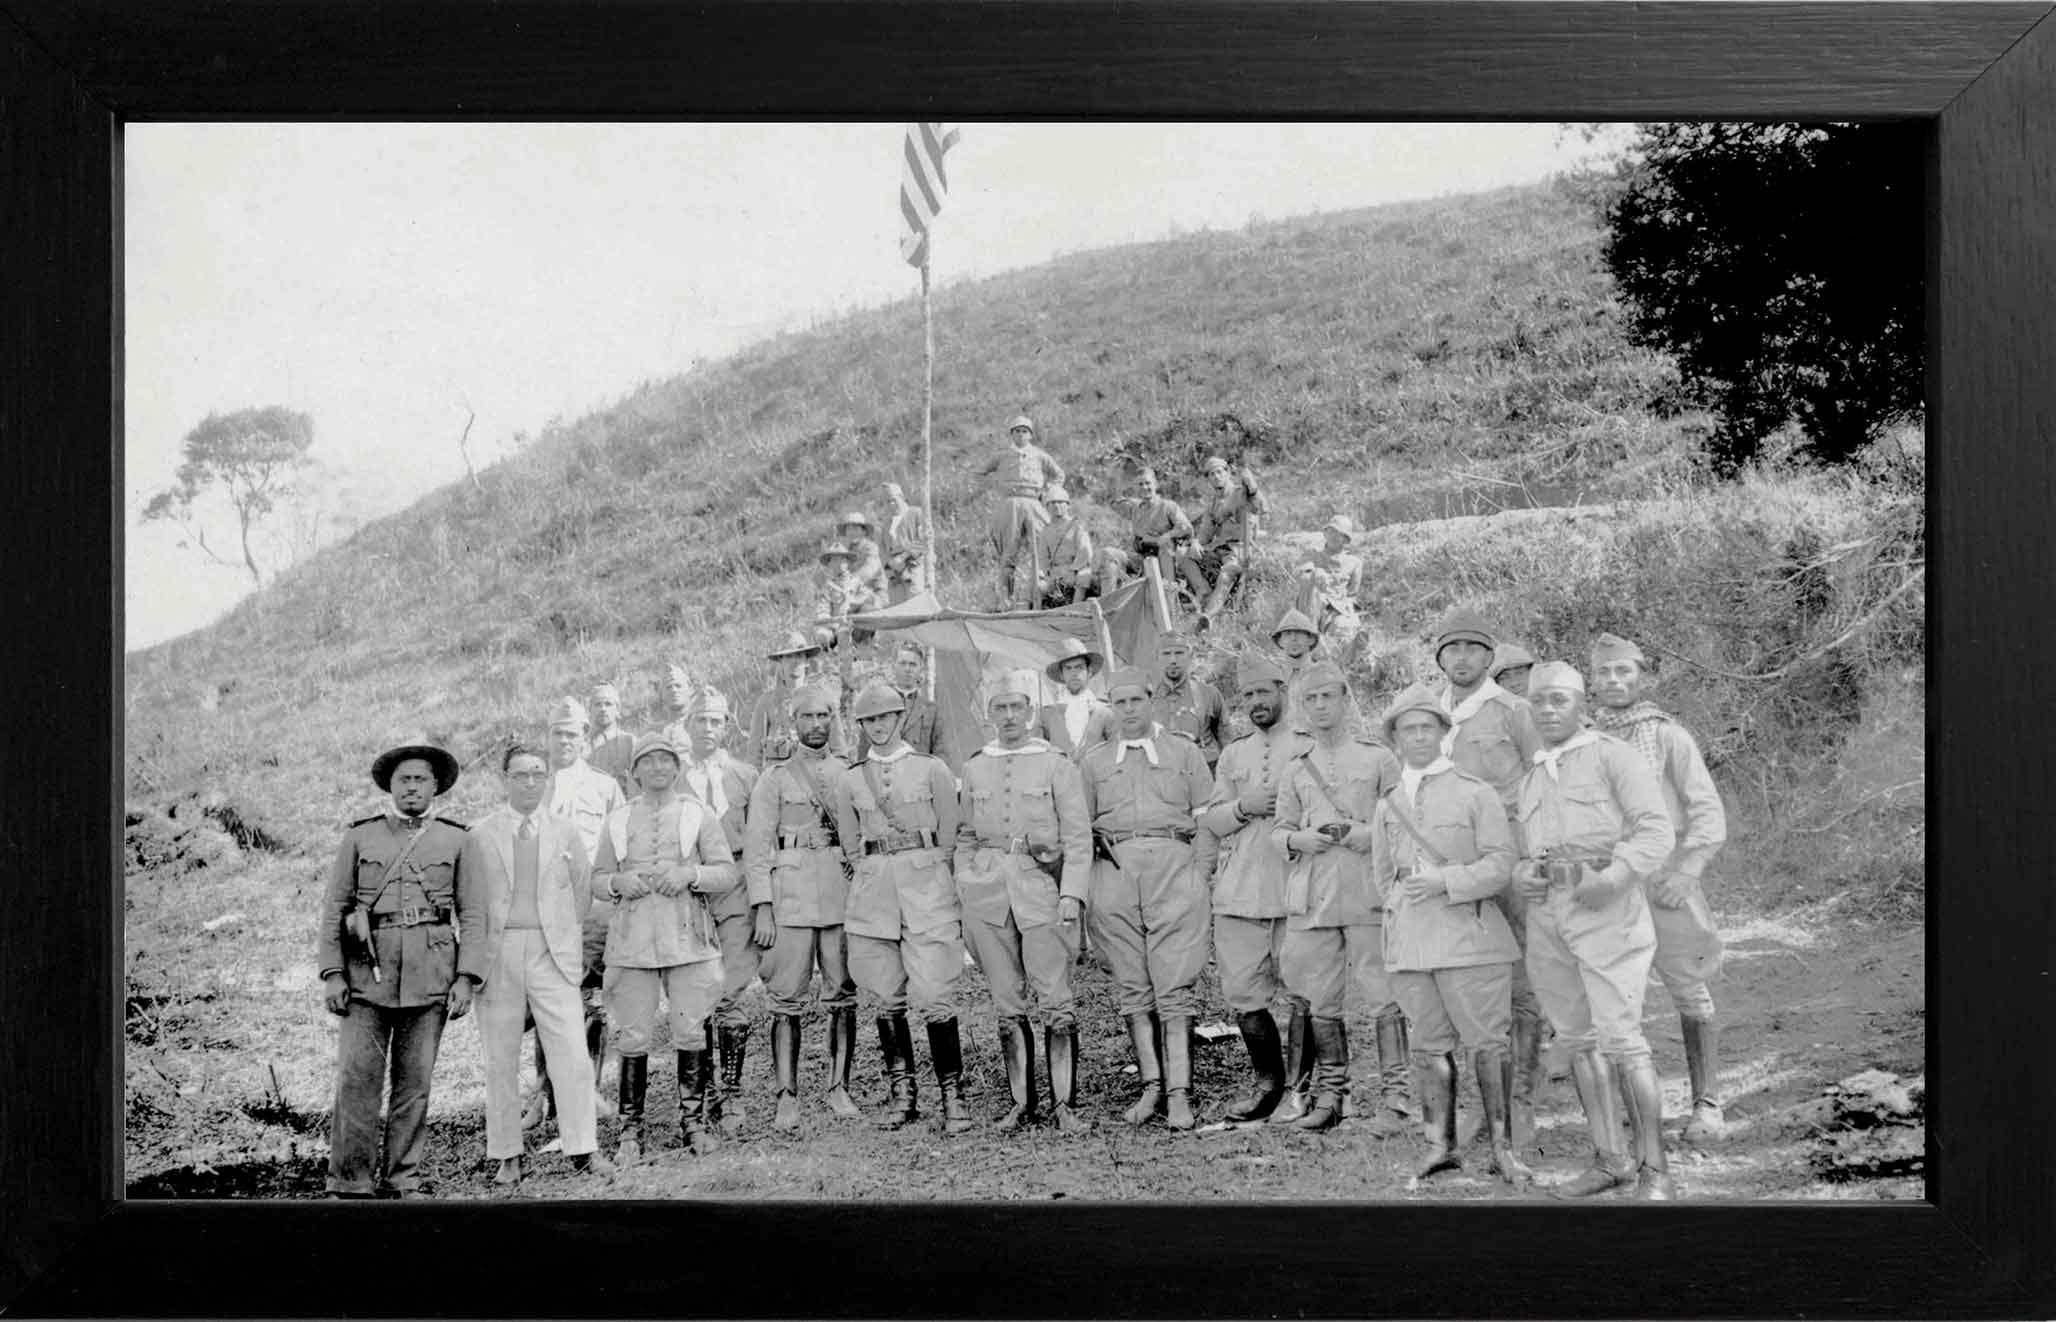 Campos-do-Jordao-Historia-Revolucao-32-Morro-do-Elefante-Prefeito-Antonio-Gonzaga-bx